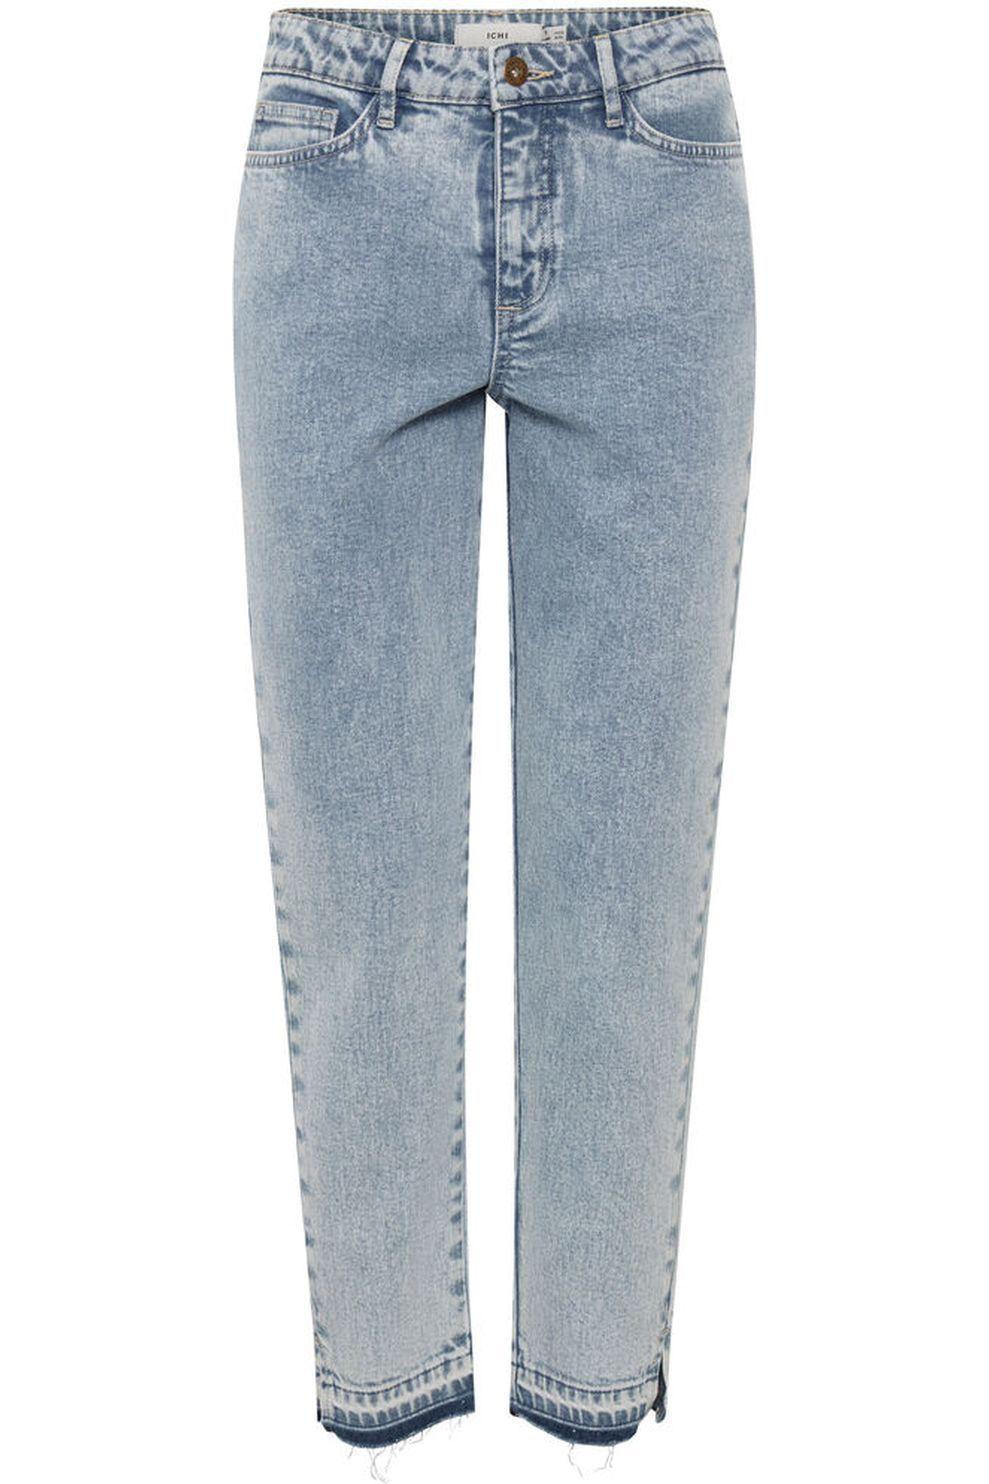 ICHI Jeans Ihmada Nti voor dames - Blauw - Maten: 26, 27, 28, 29, 30, 31, 32